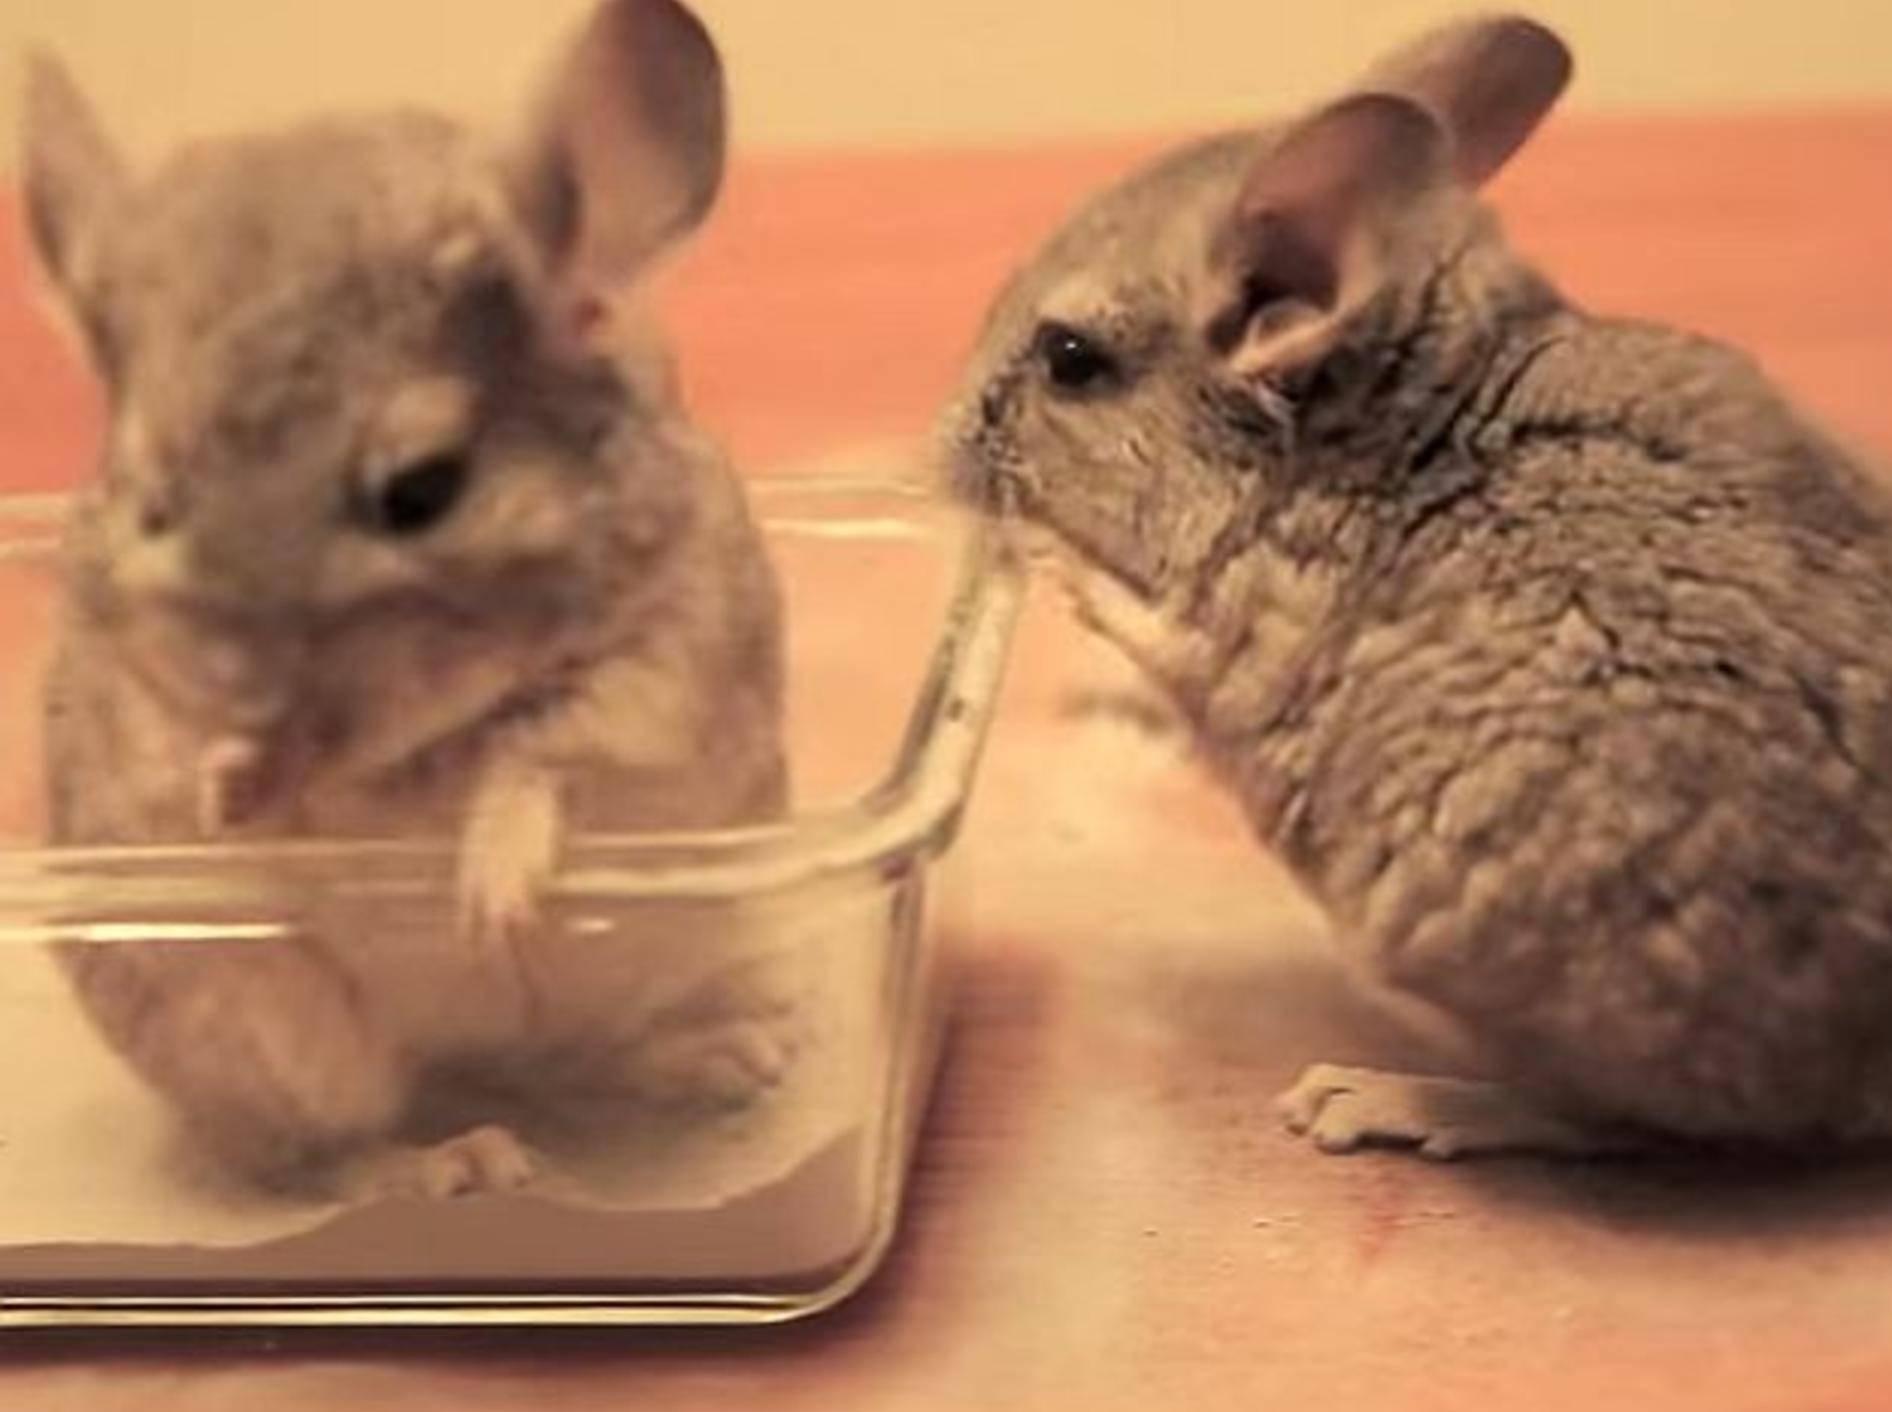 Baby-Chinchillas nehmen erstes Sandbad – Bild: Youtube / ChinTubeHD